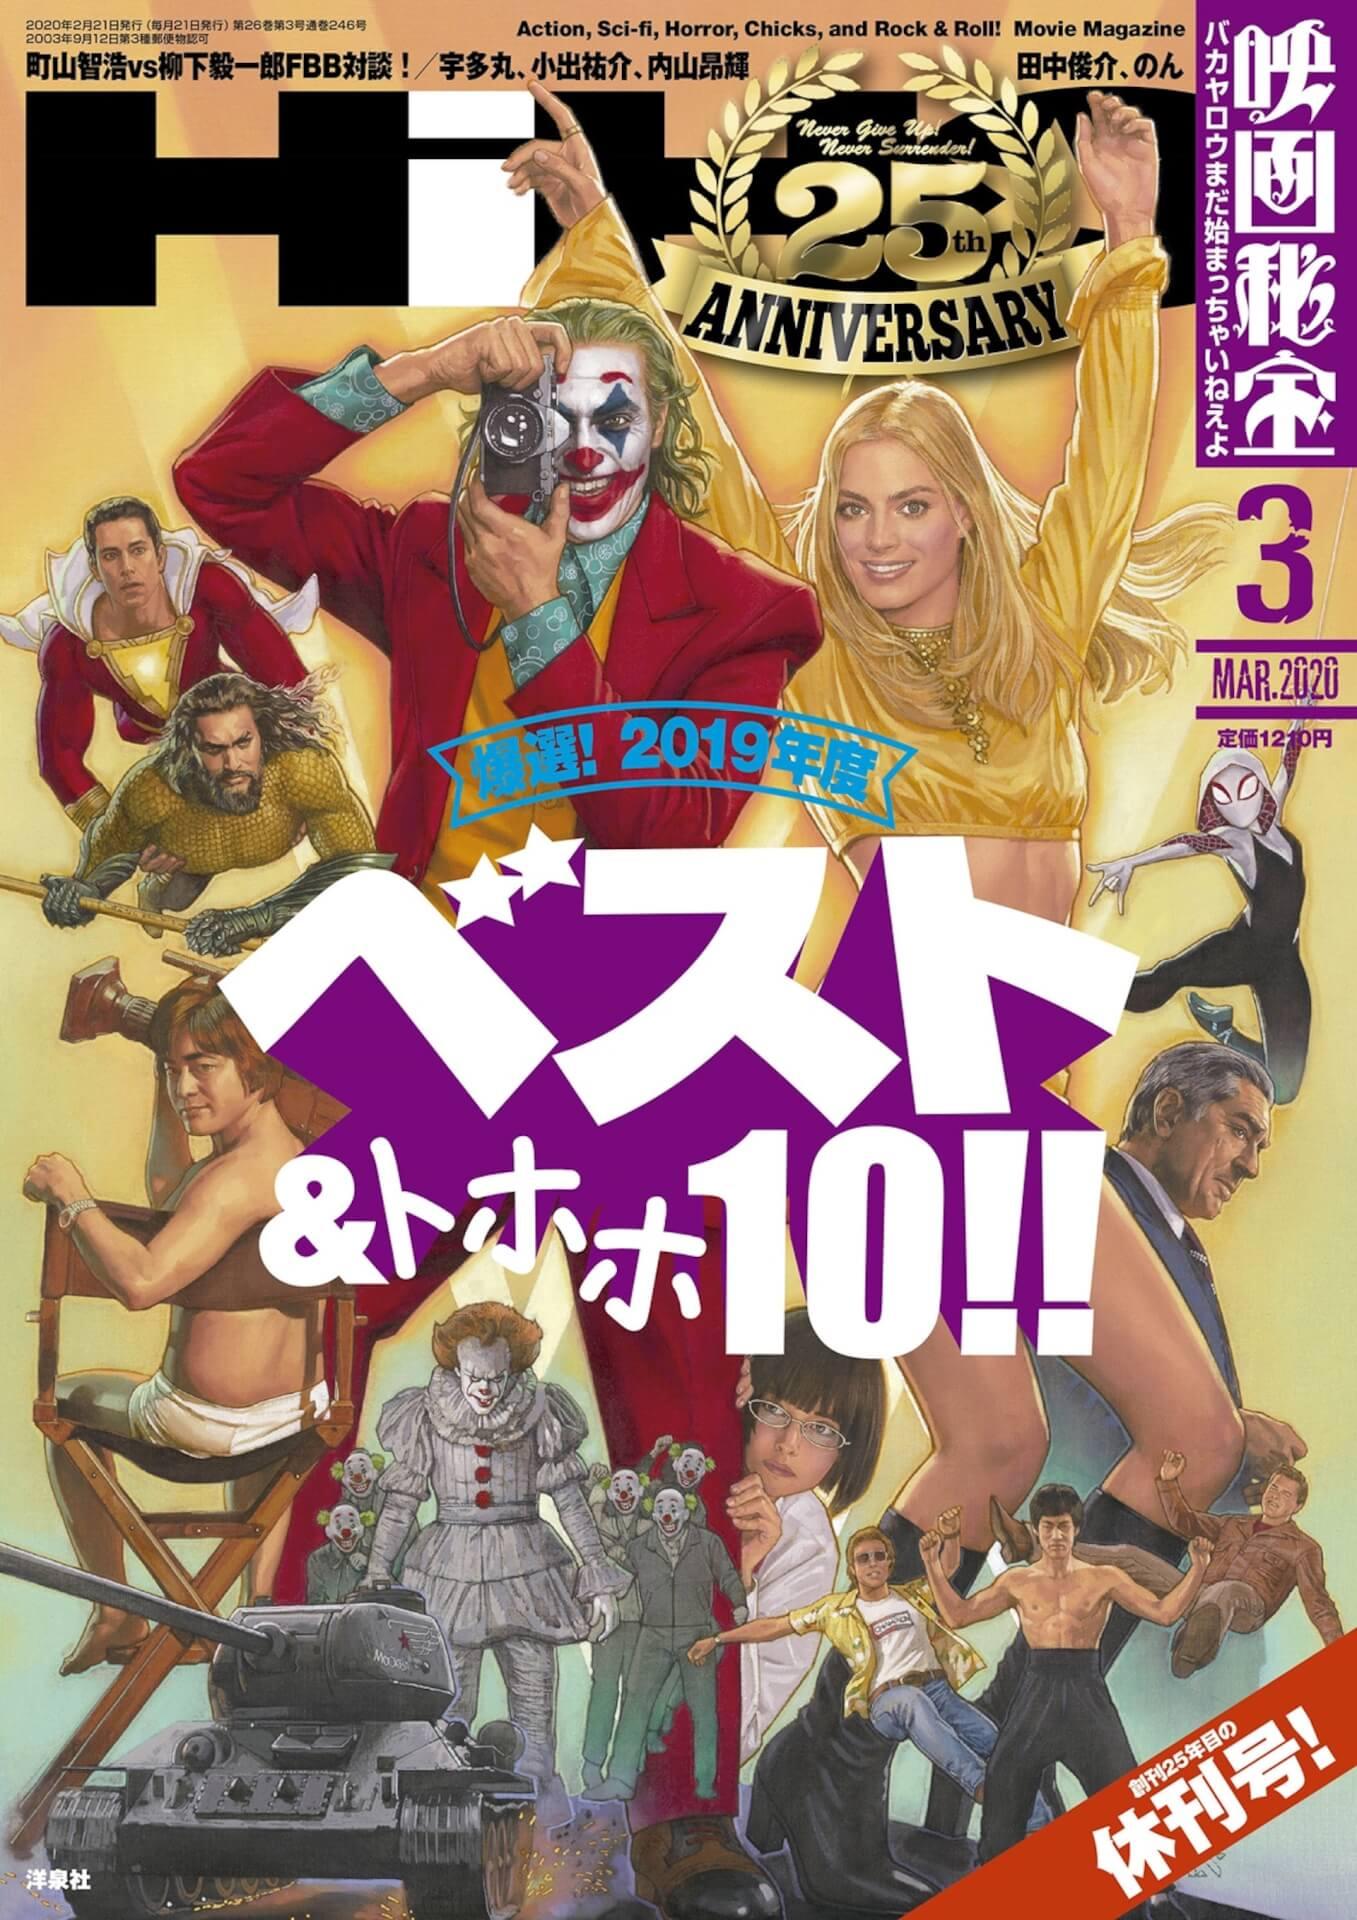 ベスト1を勝ち取ったのはあの映画!?『映画秘宝』休刊号で2019年度の年間映画ベスト&トホホ10ランキングが解禁 film200121_eigahiho_1